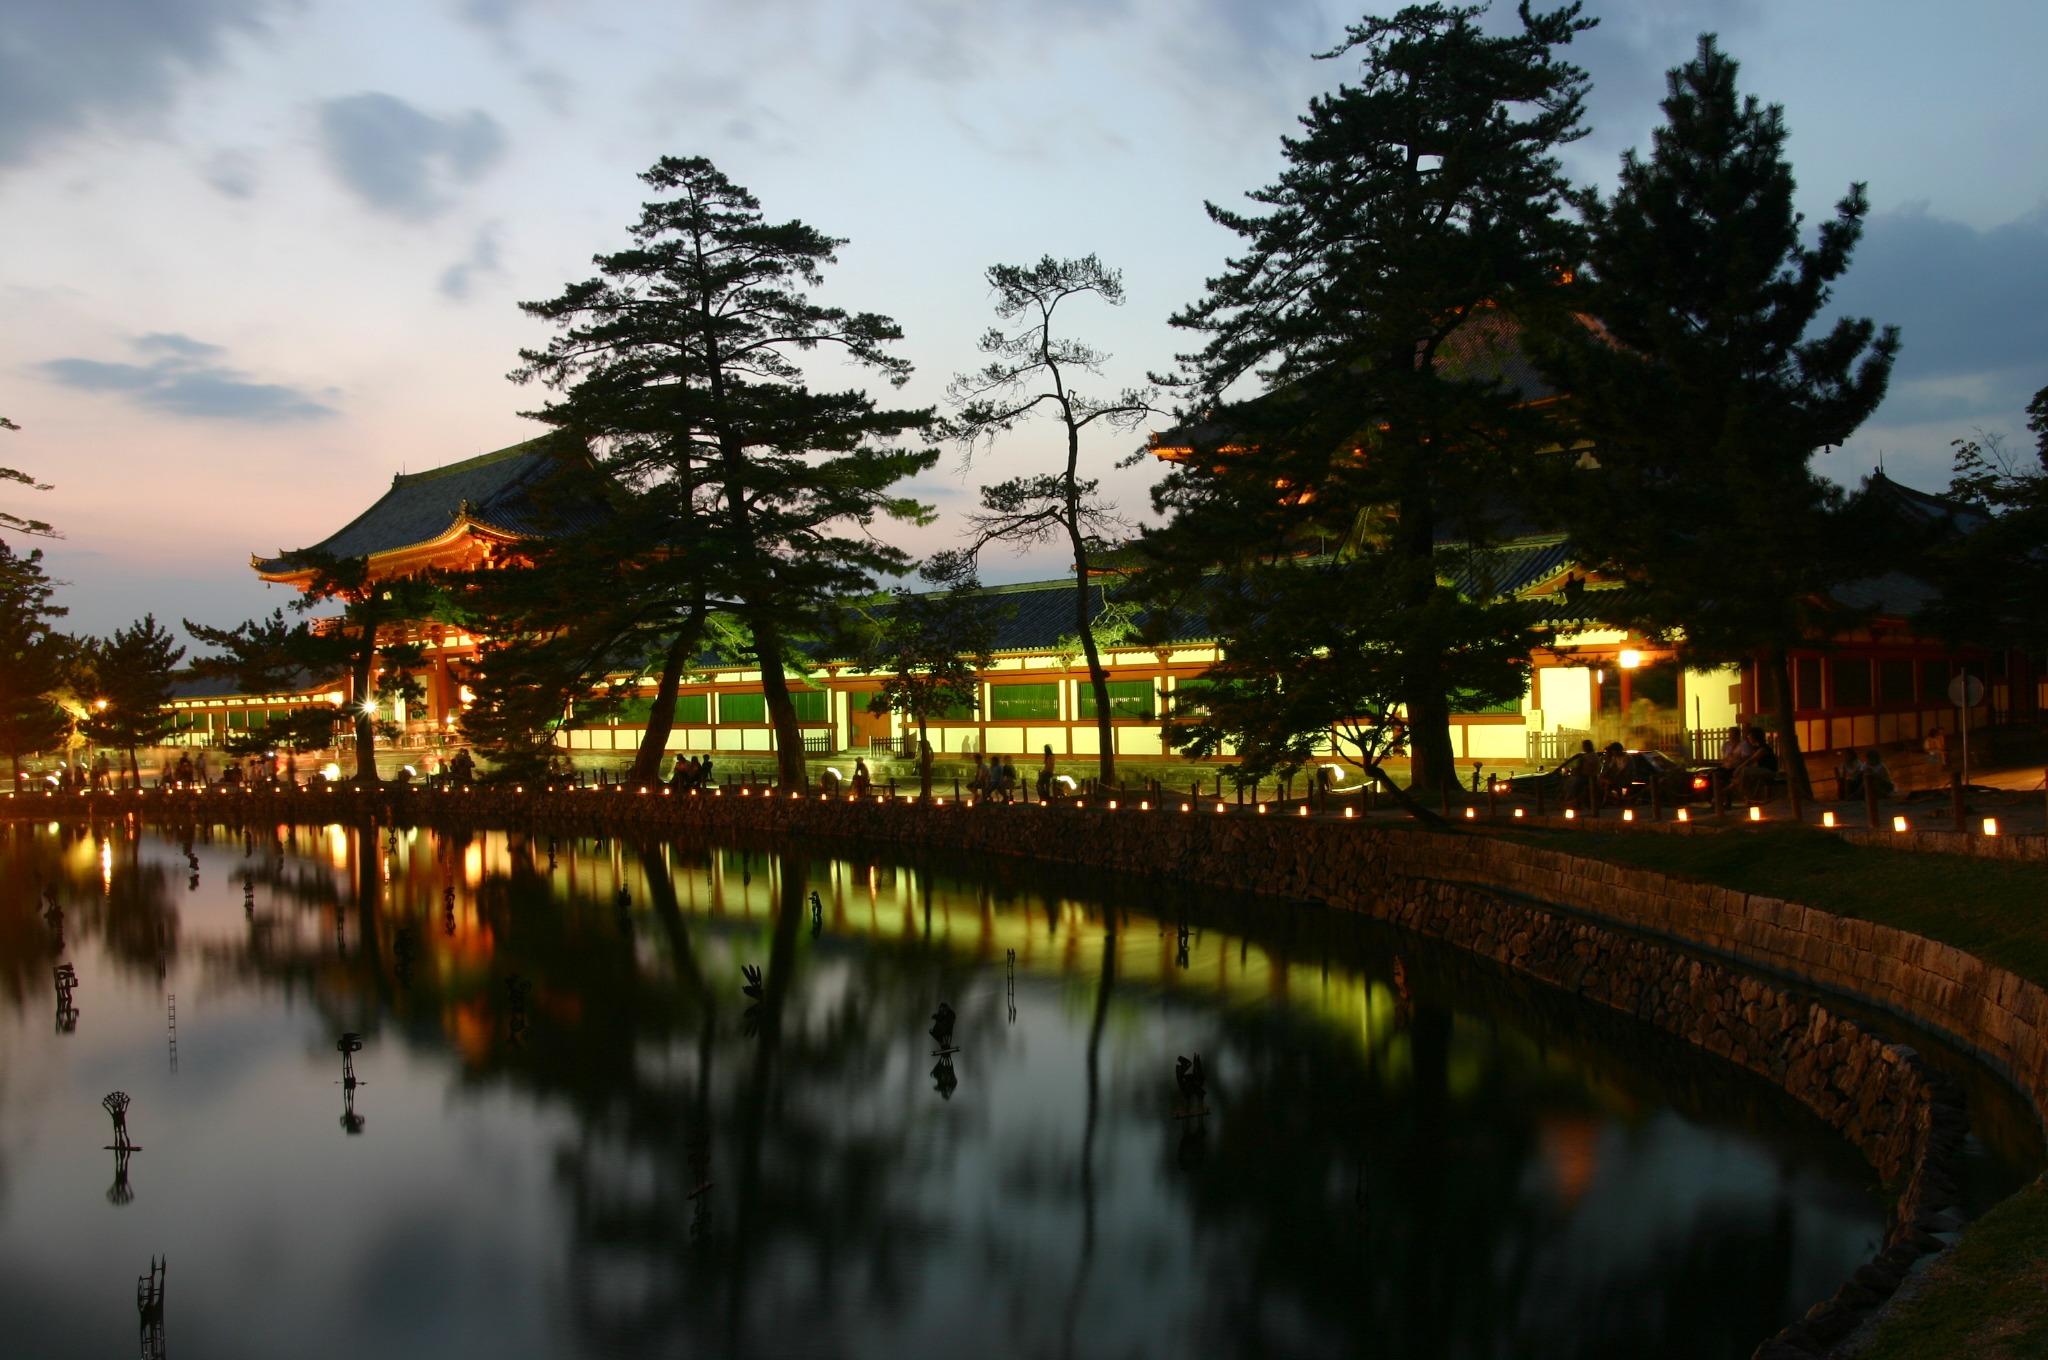 東大寺大仏殿の中門のライトアップ